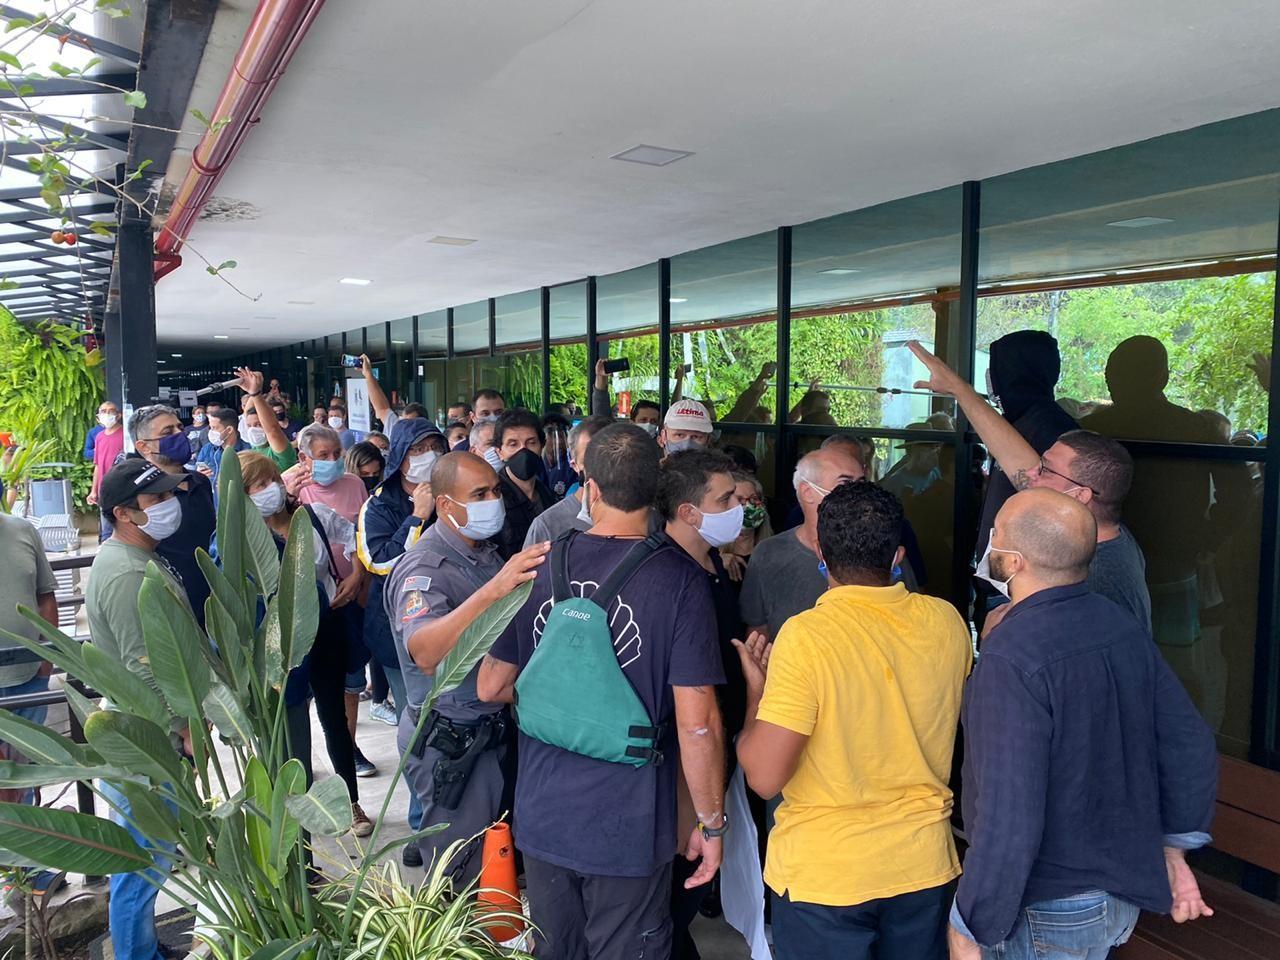 Protesto de empresários por ajuda fiscal na quarentena causa aglomeração em Ilhabela